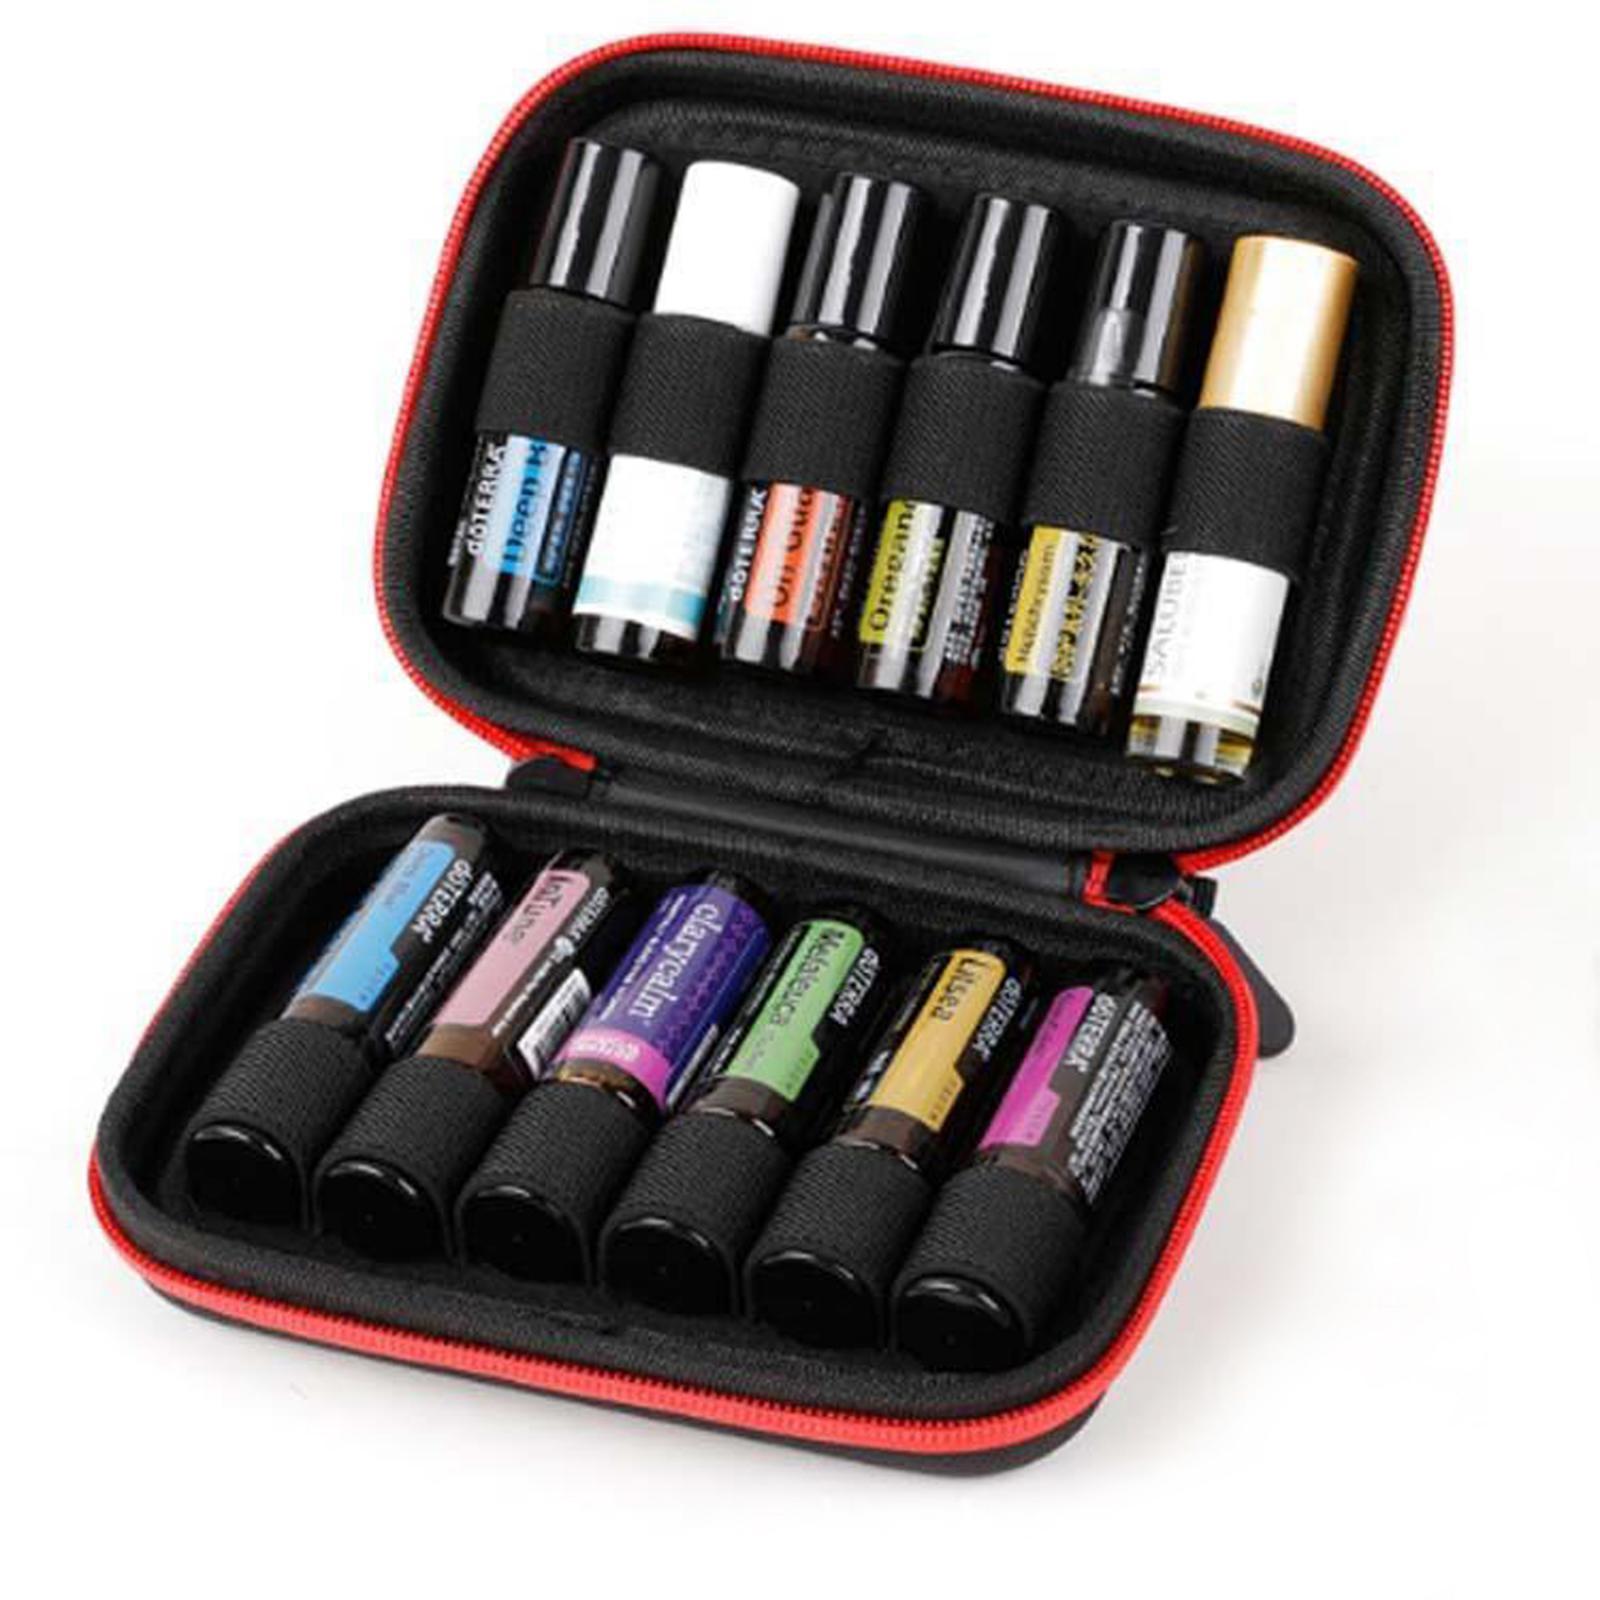 Sacchetto-di-olio-essenziale-custodia-da-viaggio-per-aromaterapia-da-10ml-per-12 miniatura 12